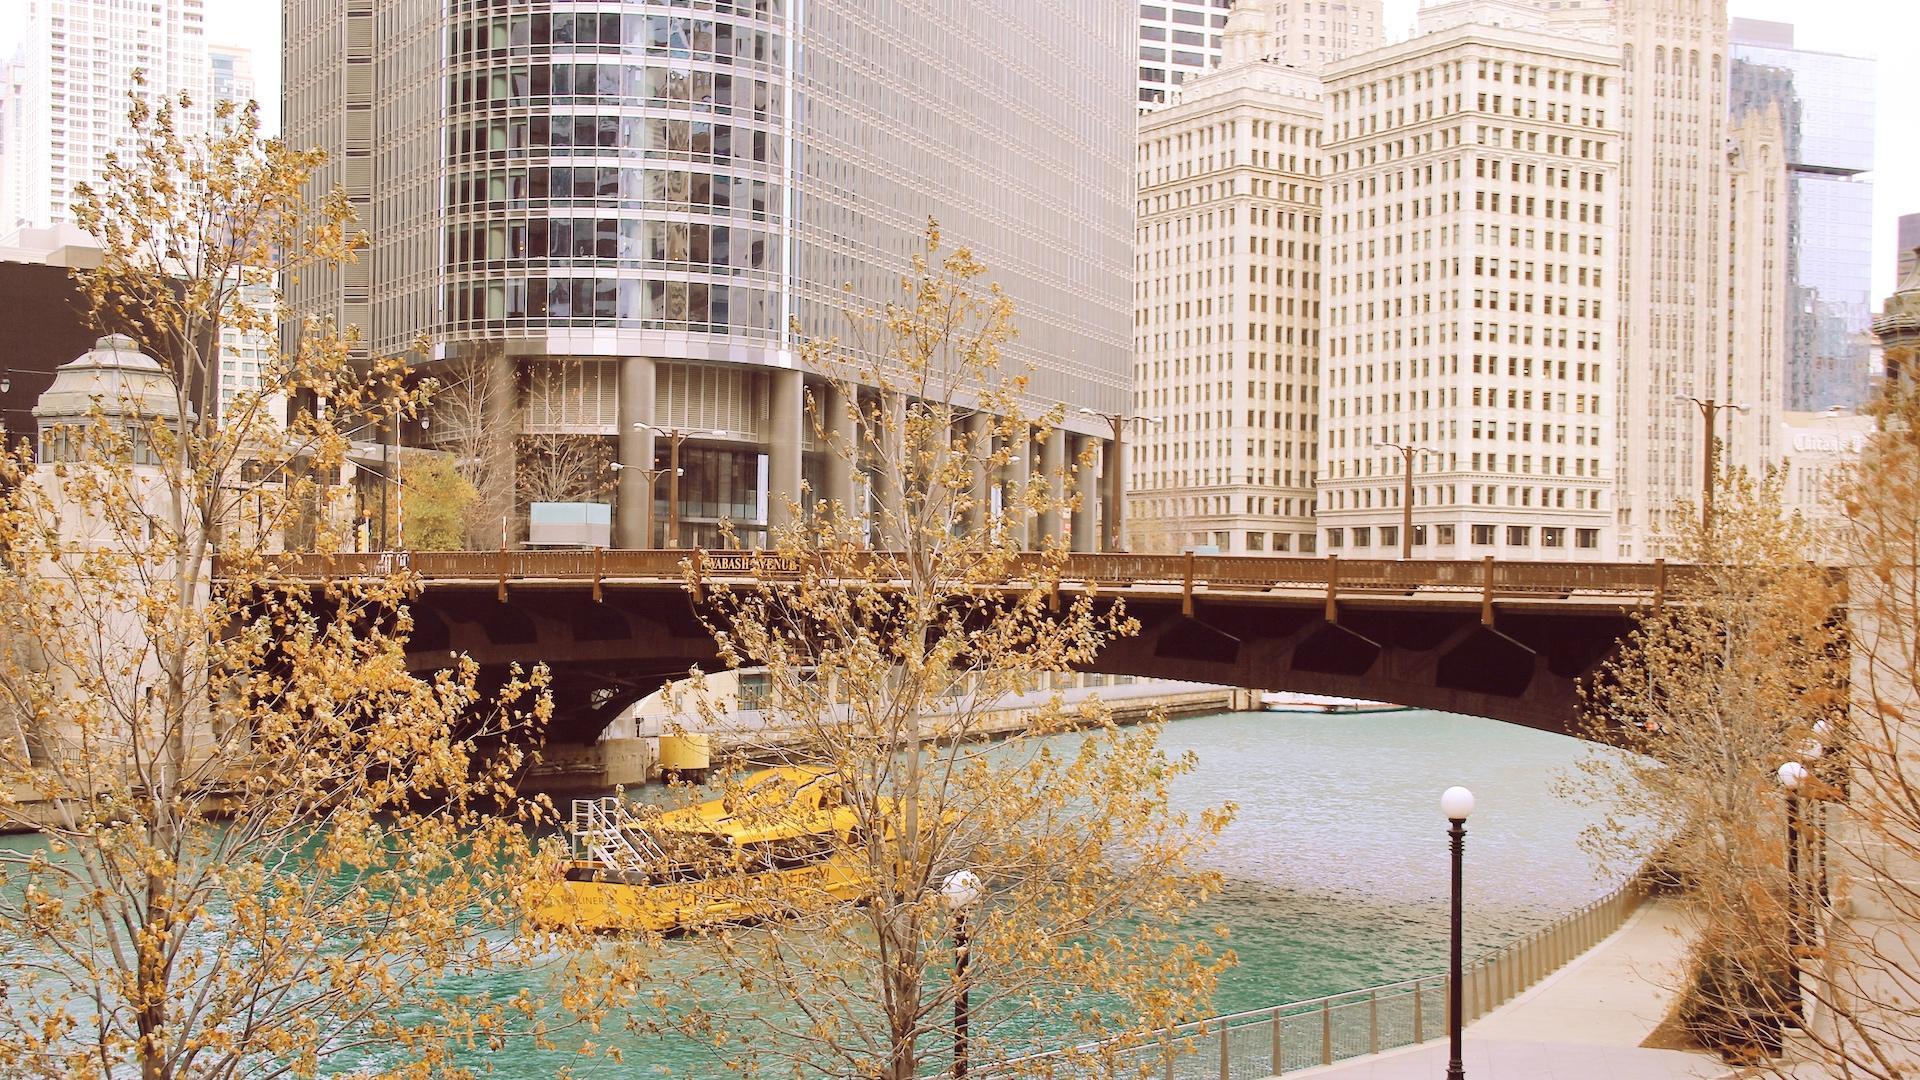 chicago-turismo-viajes-imagenes-05092016-in8